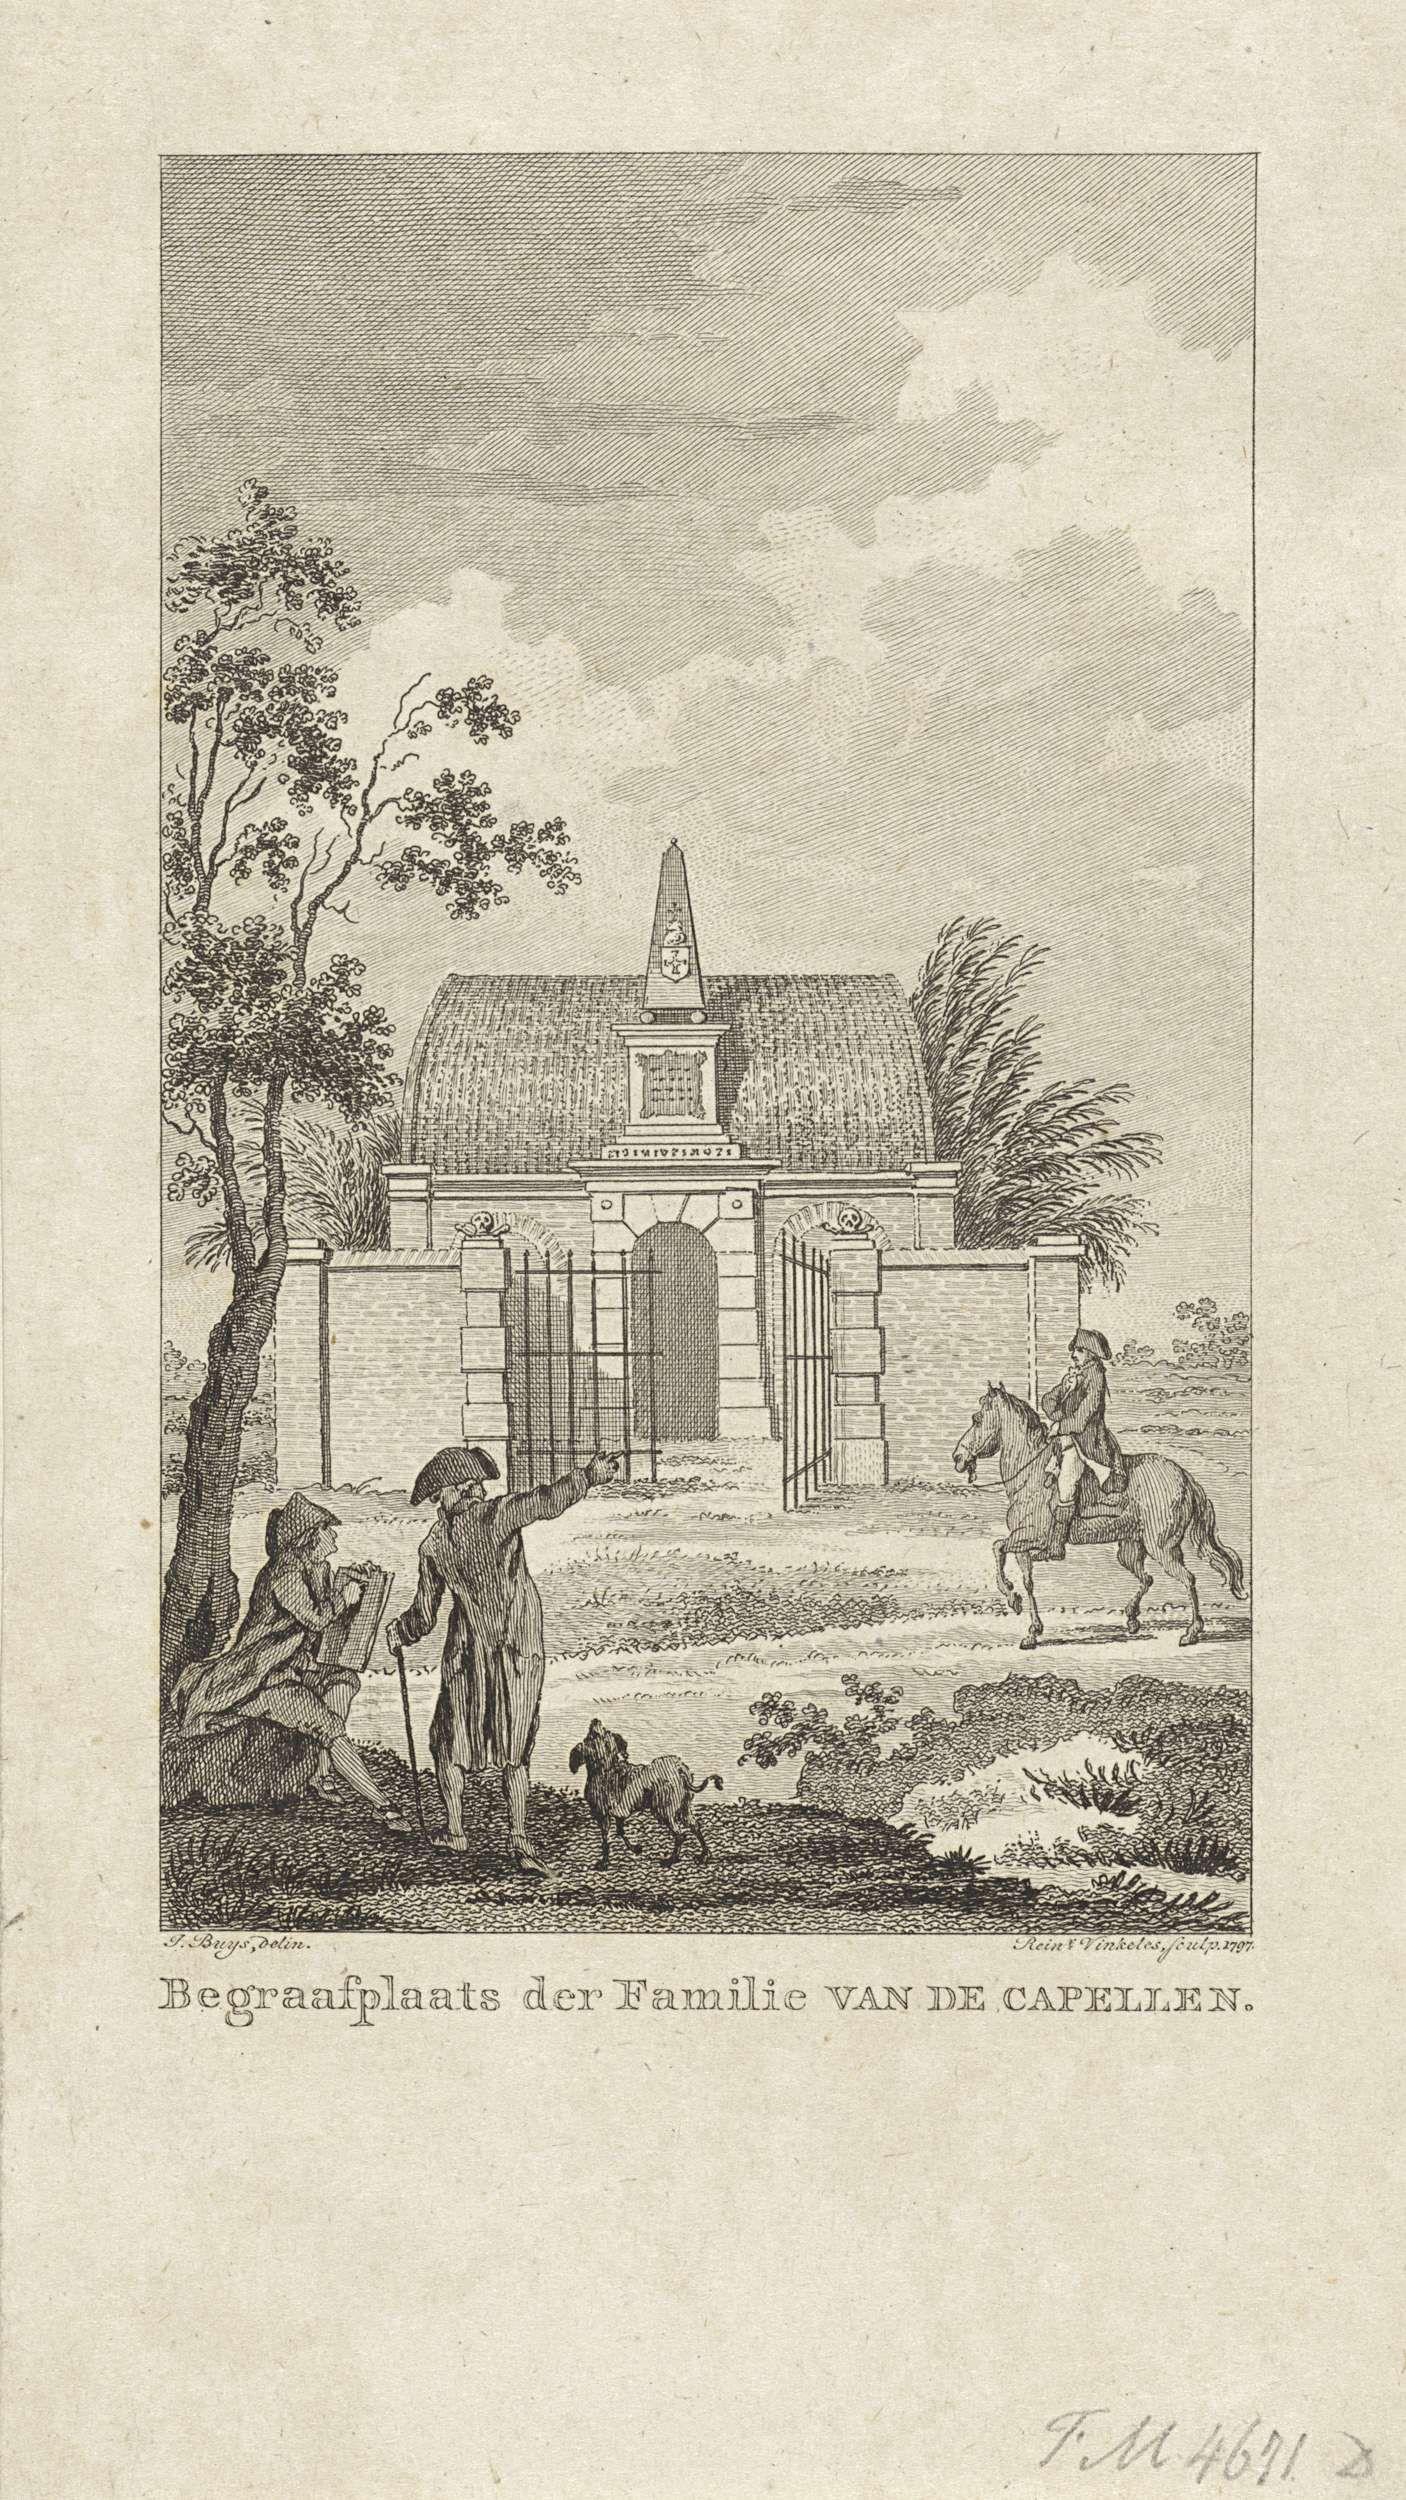 Reinier Vinkeles | Begraafplaats van de familie Van der Capellen, 1785, Reinier Vinkeles, 1797 | De begraafplaats van de familie Van der Capellen in het Gorsselse Veld bij Zutphen, gesticht in 1785 ter ere van de in 1784 overleden Joan Derk van der Capellen tot den Pol.